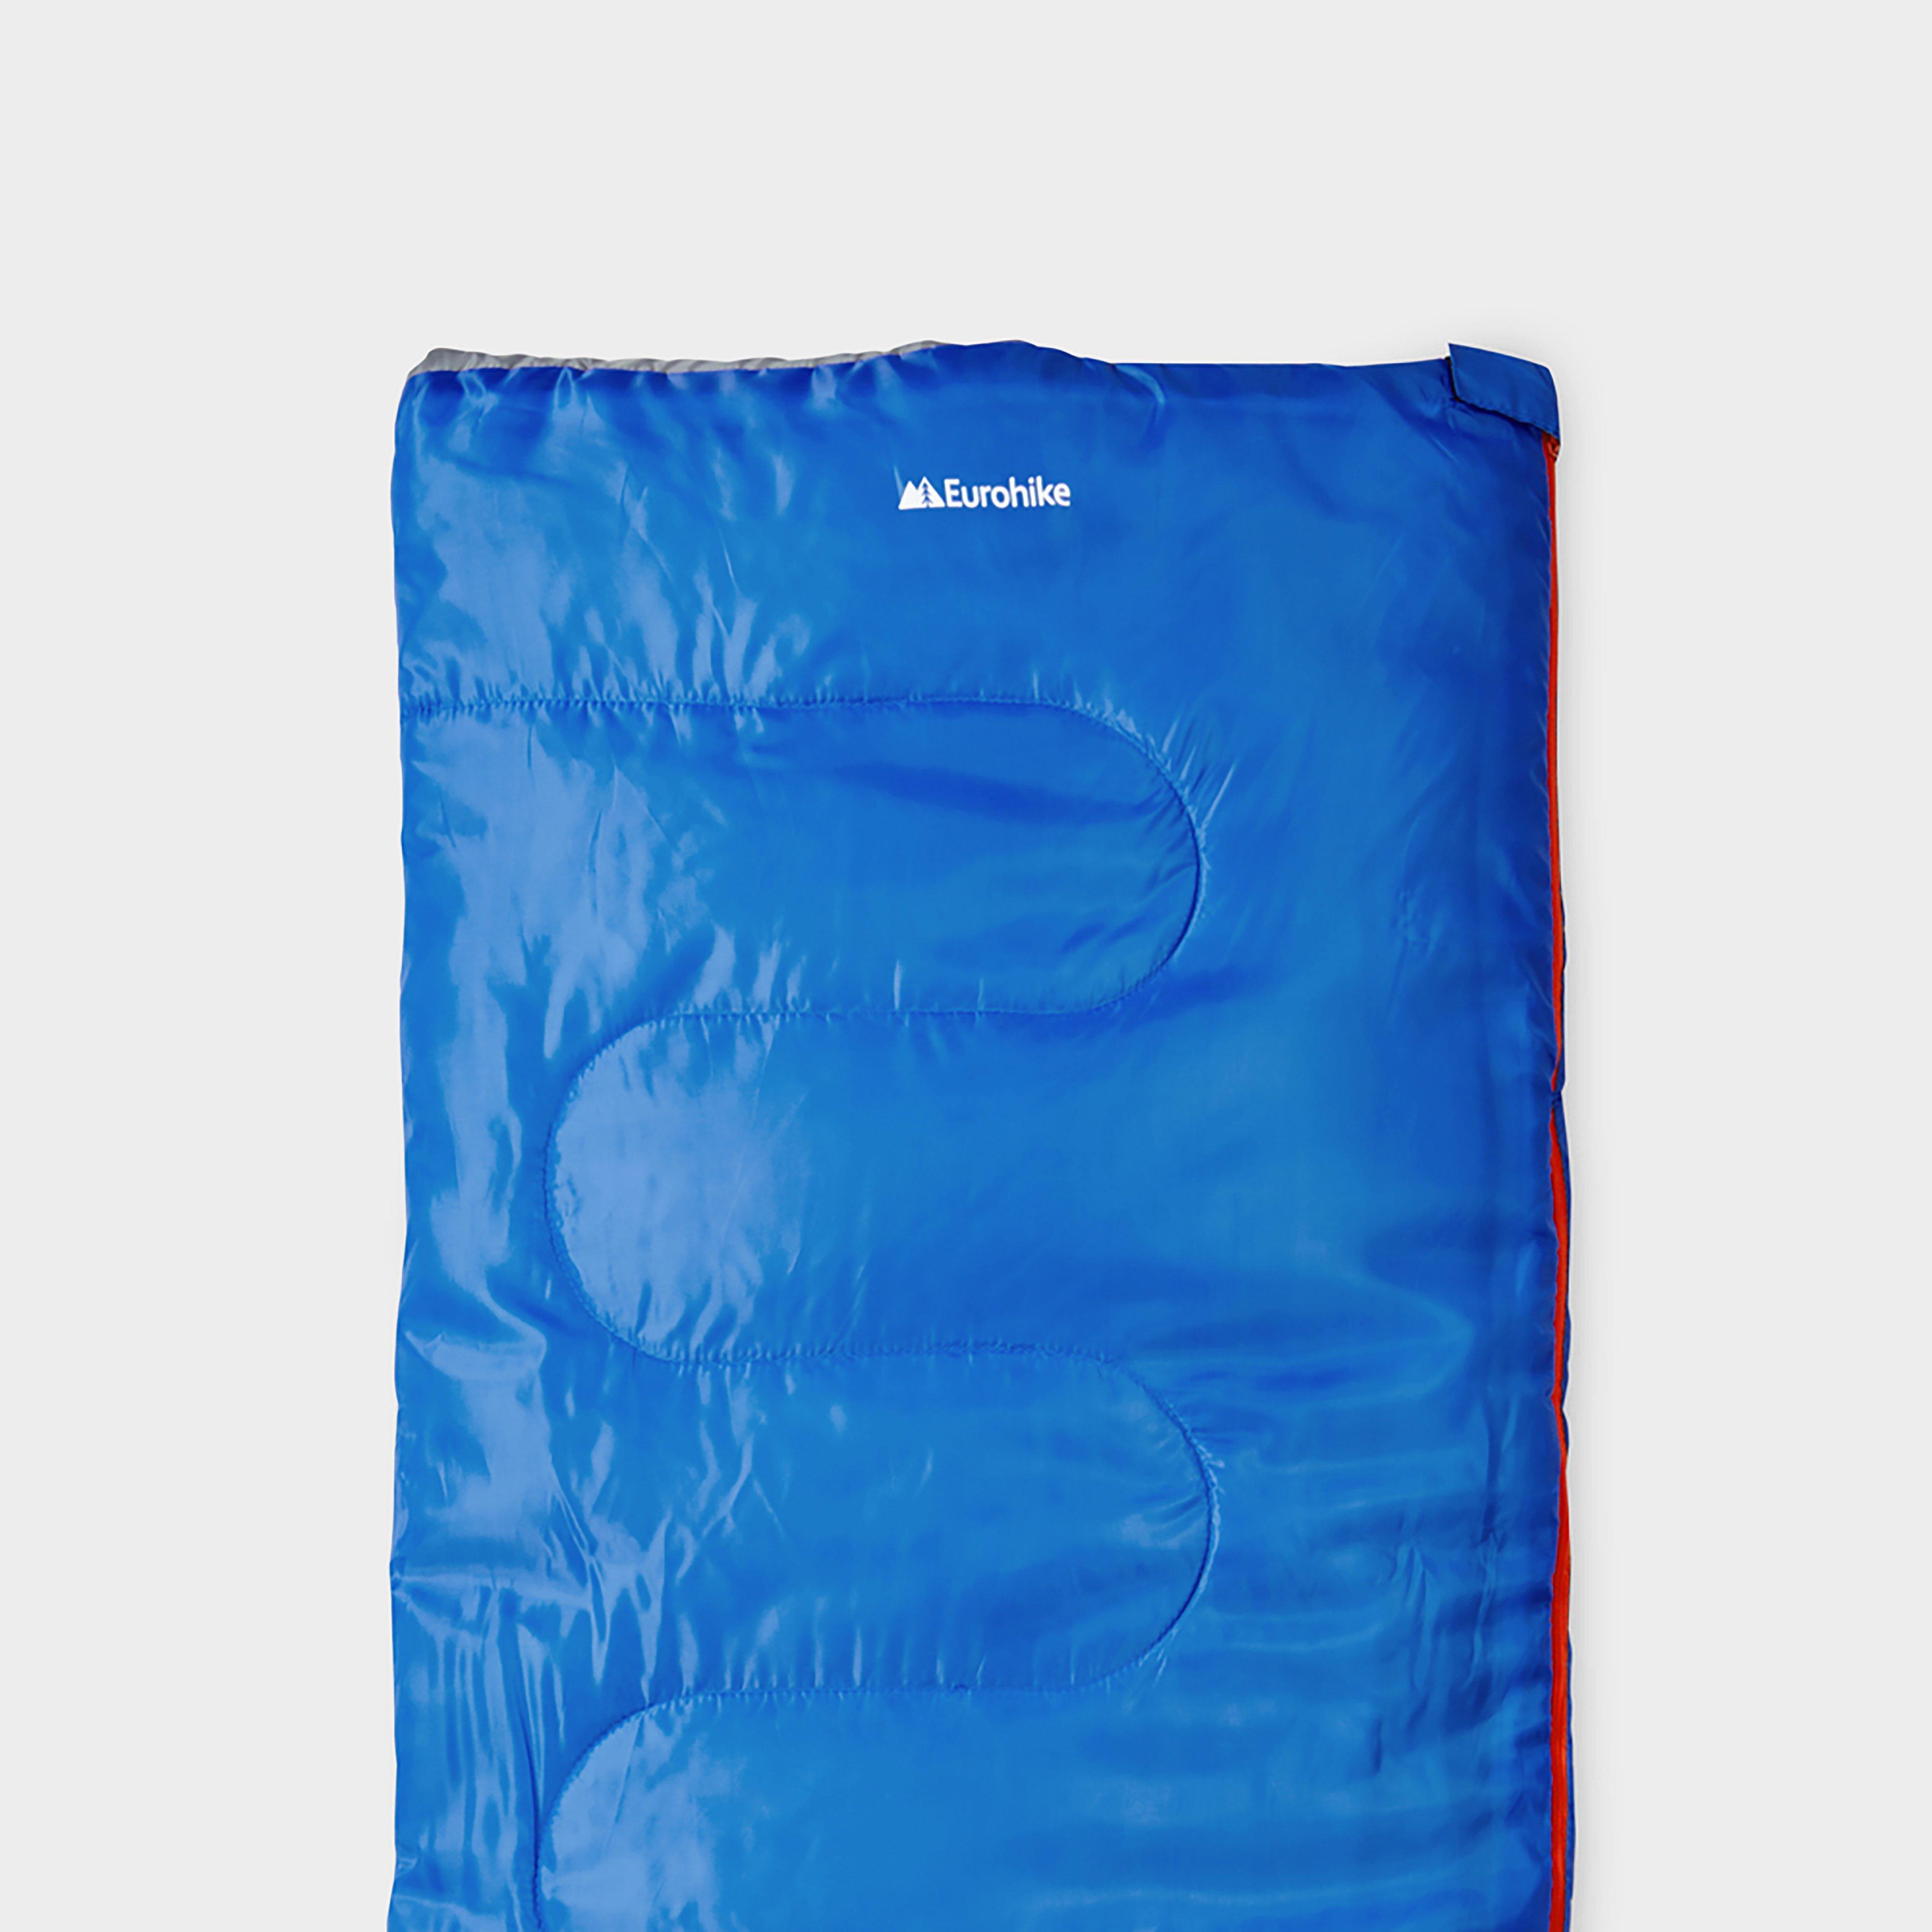 Eurohike Eurohike Snooze 200 Sleeping Bag